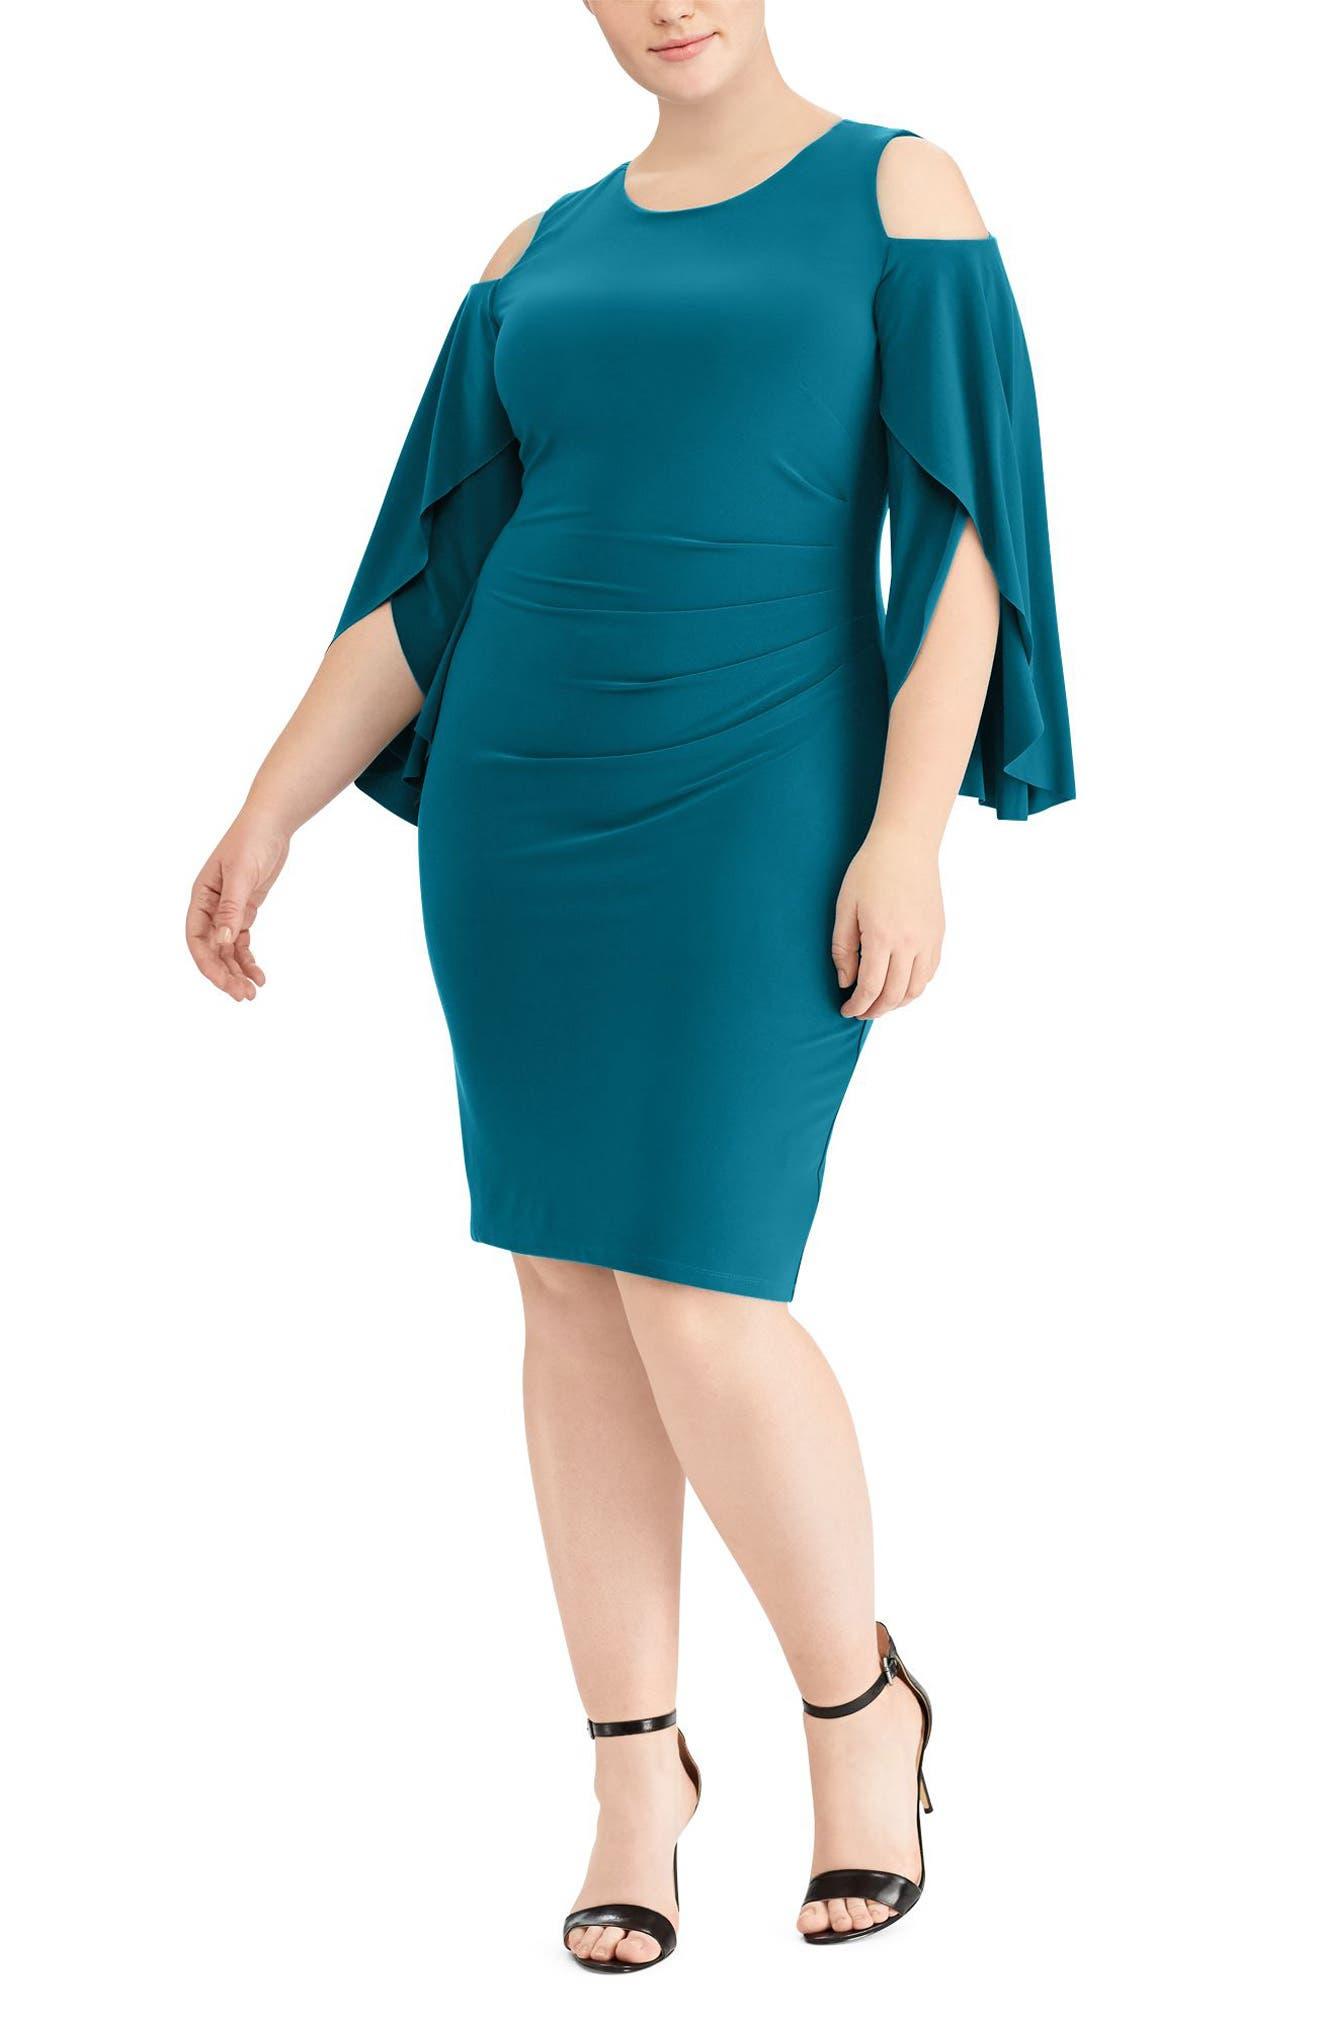 Debbie Cold-Shoulder Dress,                         Main,                         color, 340